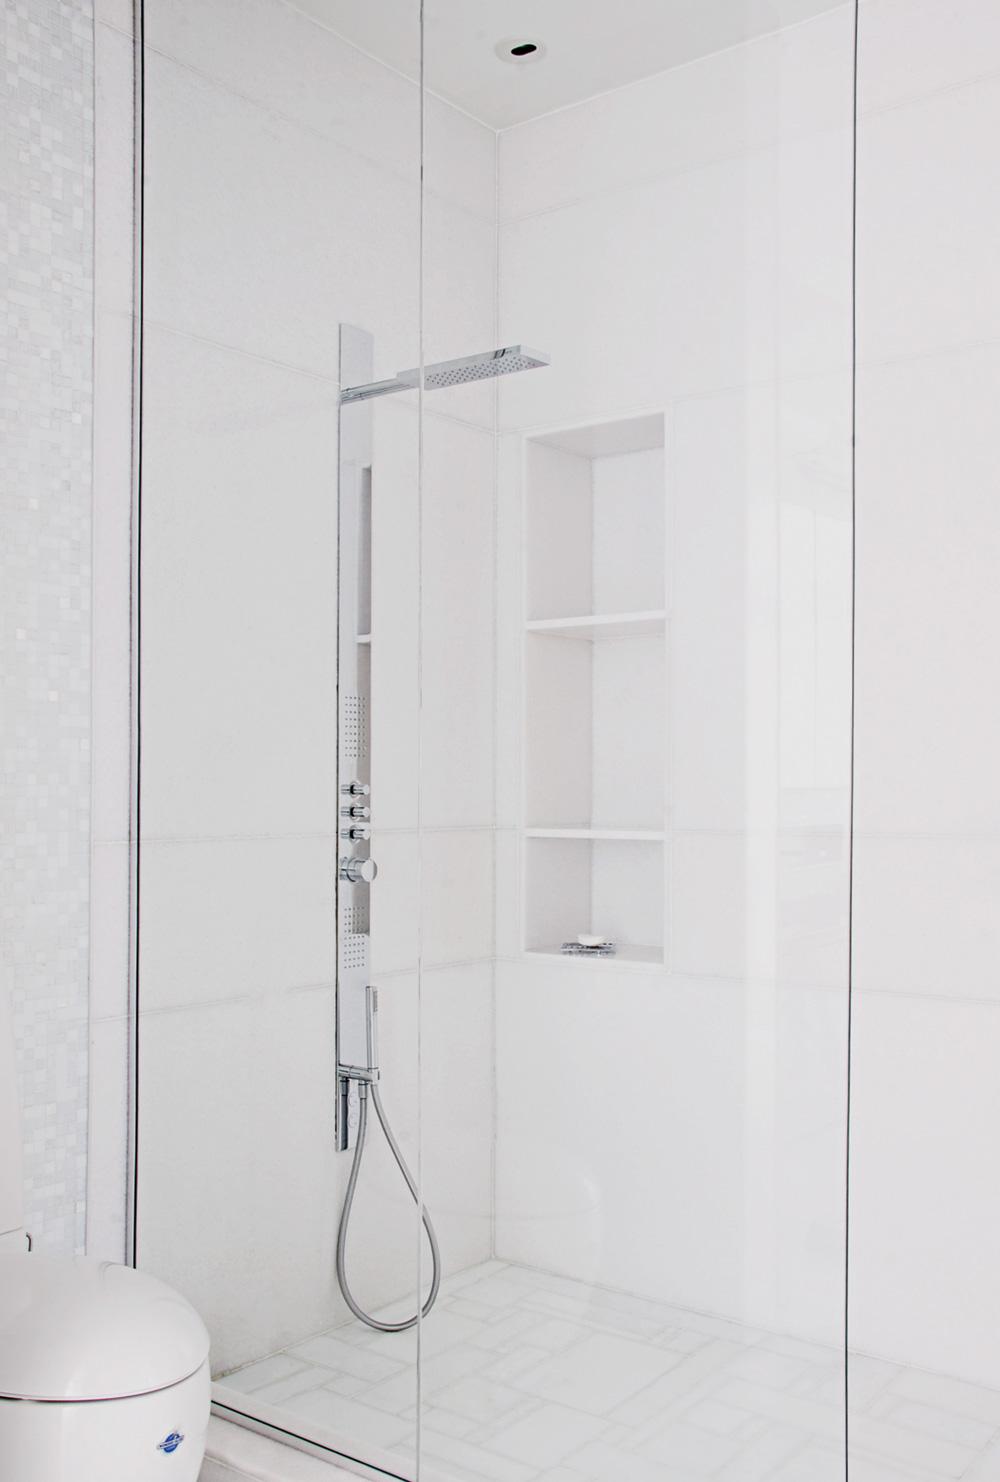 La douche minimaliste s'habille de marbre et de verre à côté d'une toilette Alessi-Laufen (Batimat) avec sa technologie WonderGliss qui facilite le nettoyage.